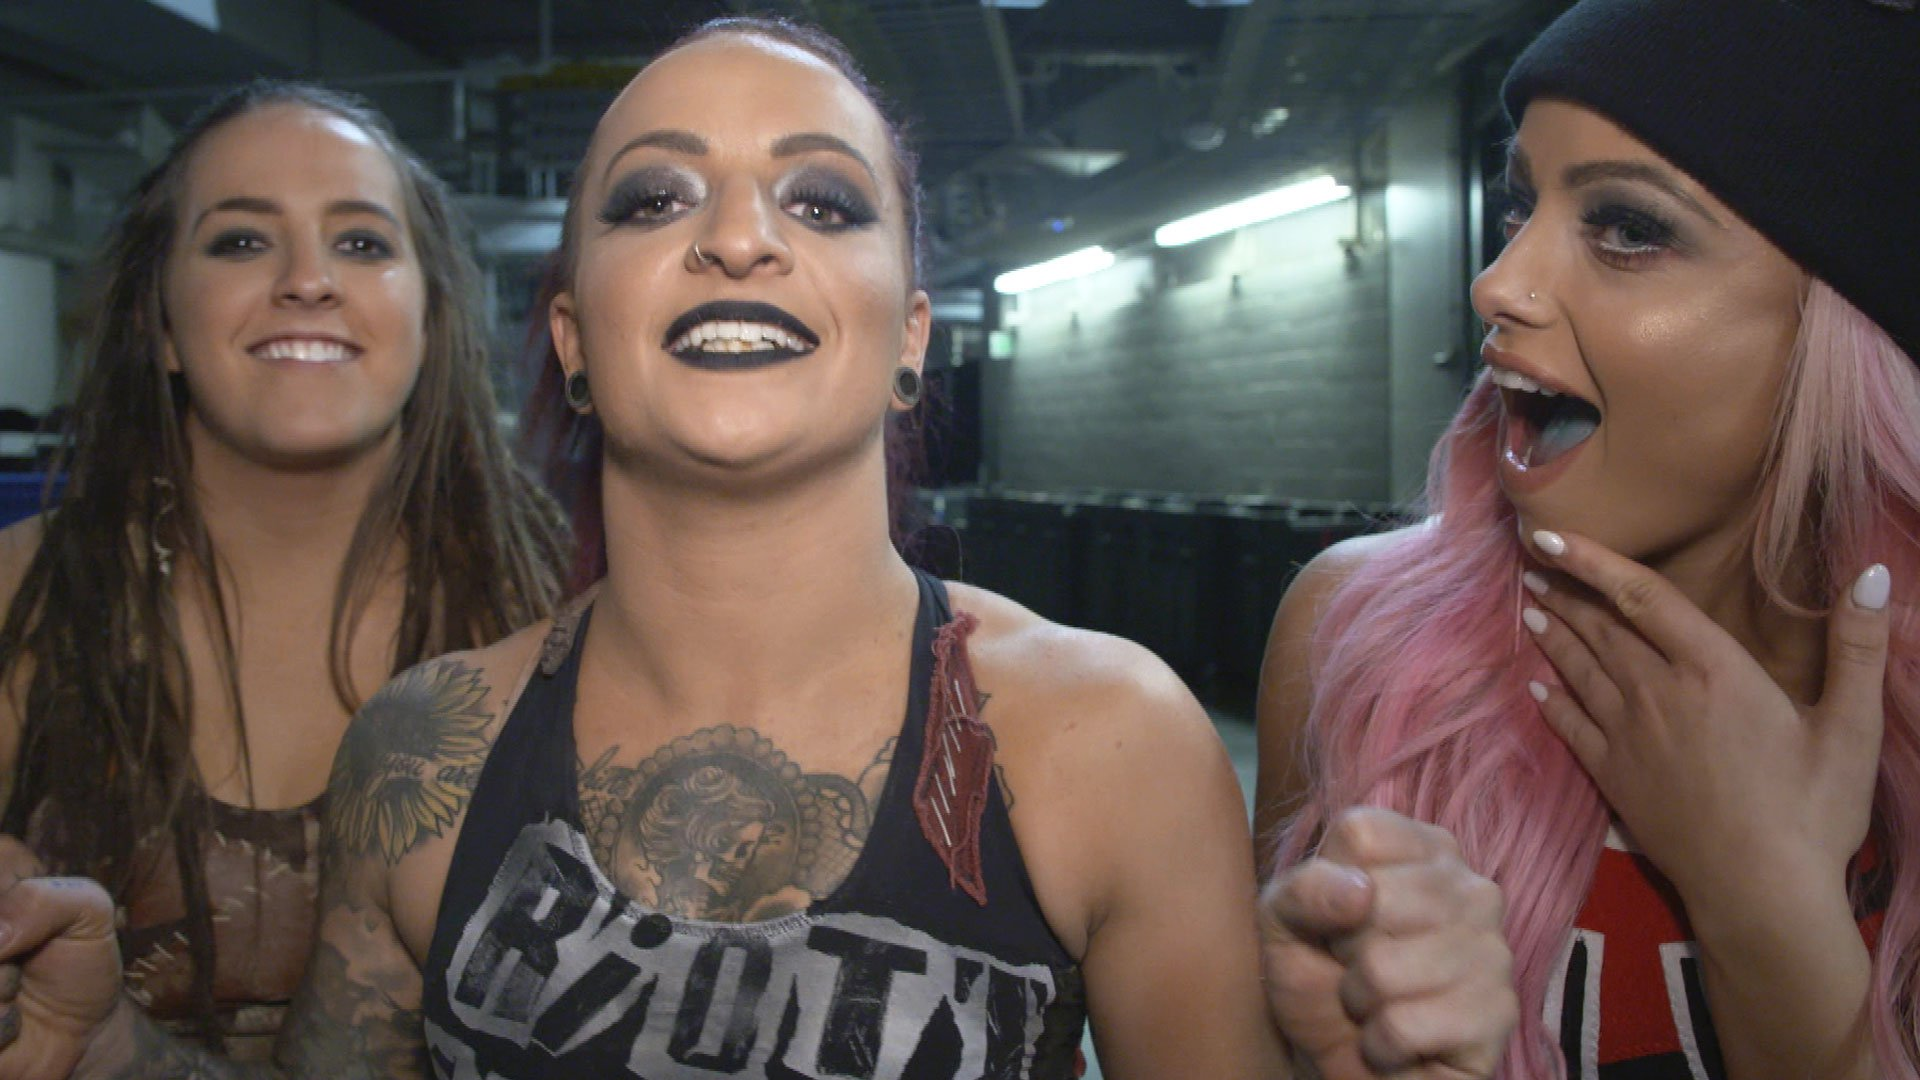 Quelle membre du Riott Squad a besoin de leçons de conduite?: WWE Network Pick of the Week, 16 Novembre 2018